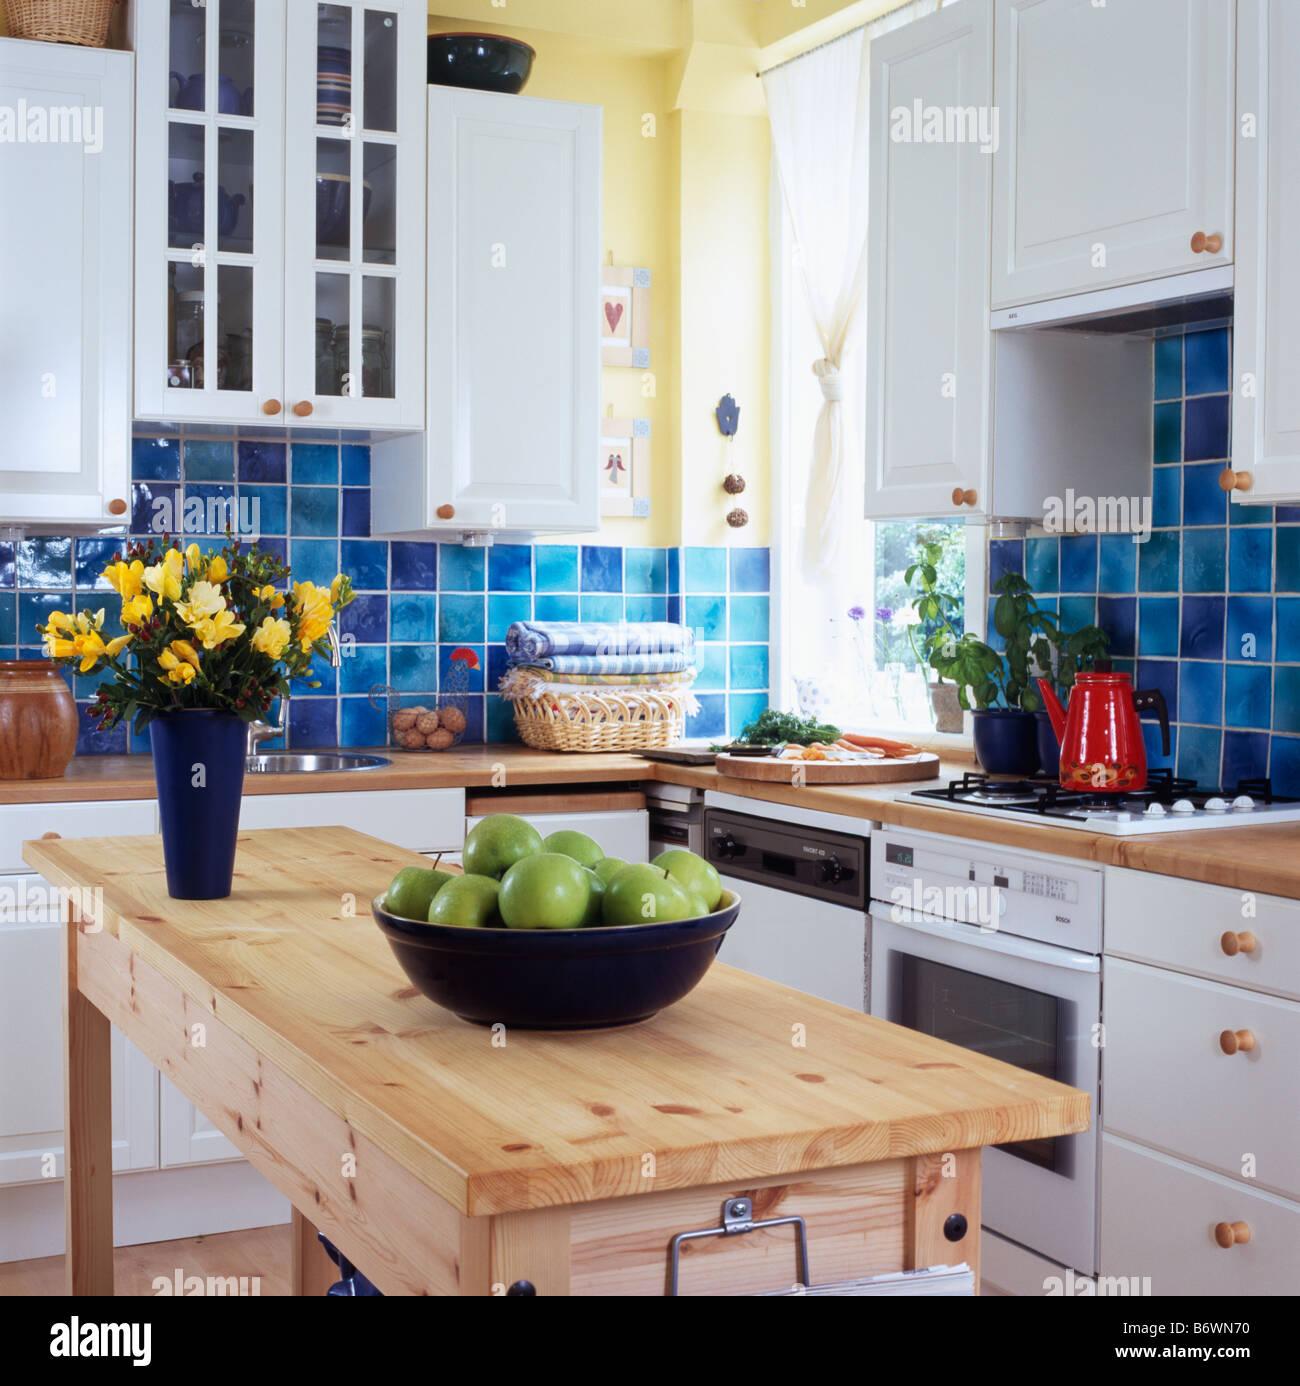 Schussel Mit Grunen Apfeln Am Einfachen Holztisch In Der Kuche Mit